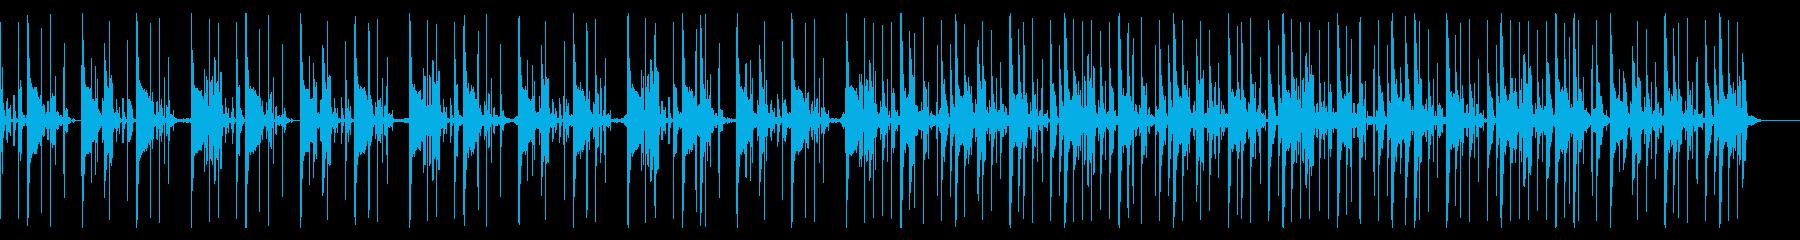 キックなし、120 BPMの再生済みの波形